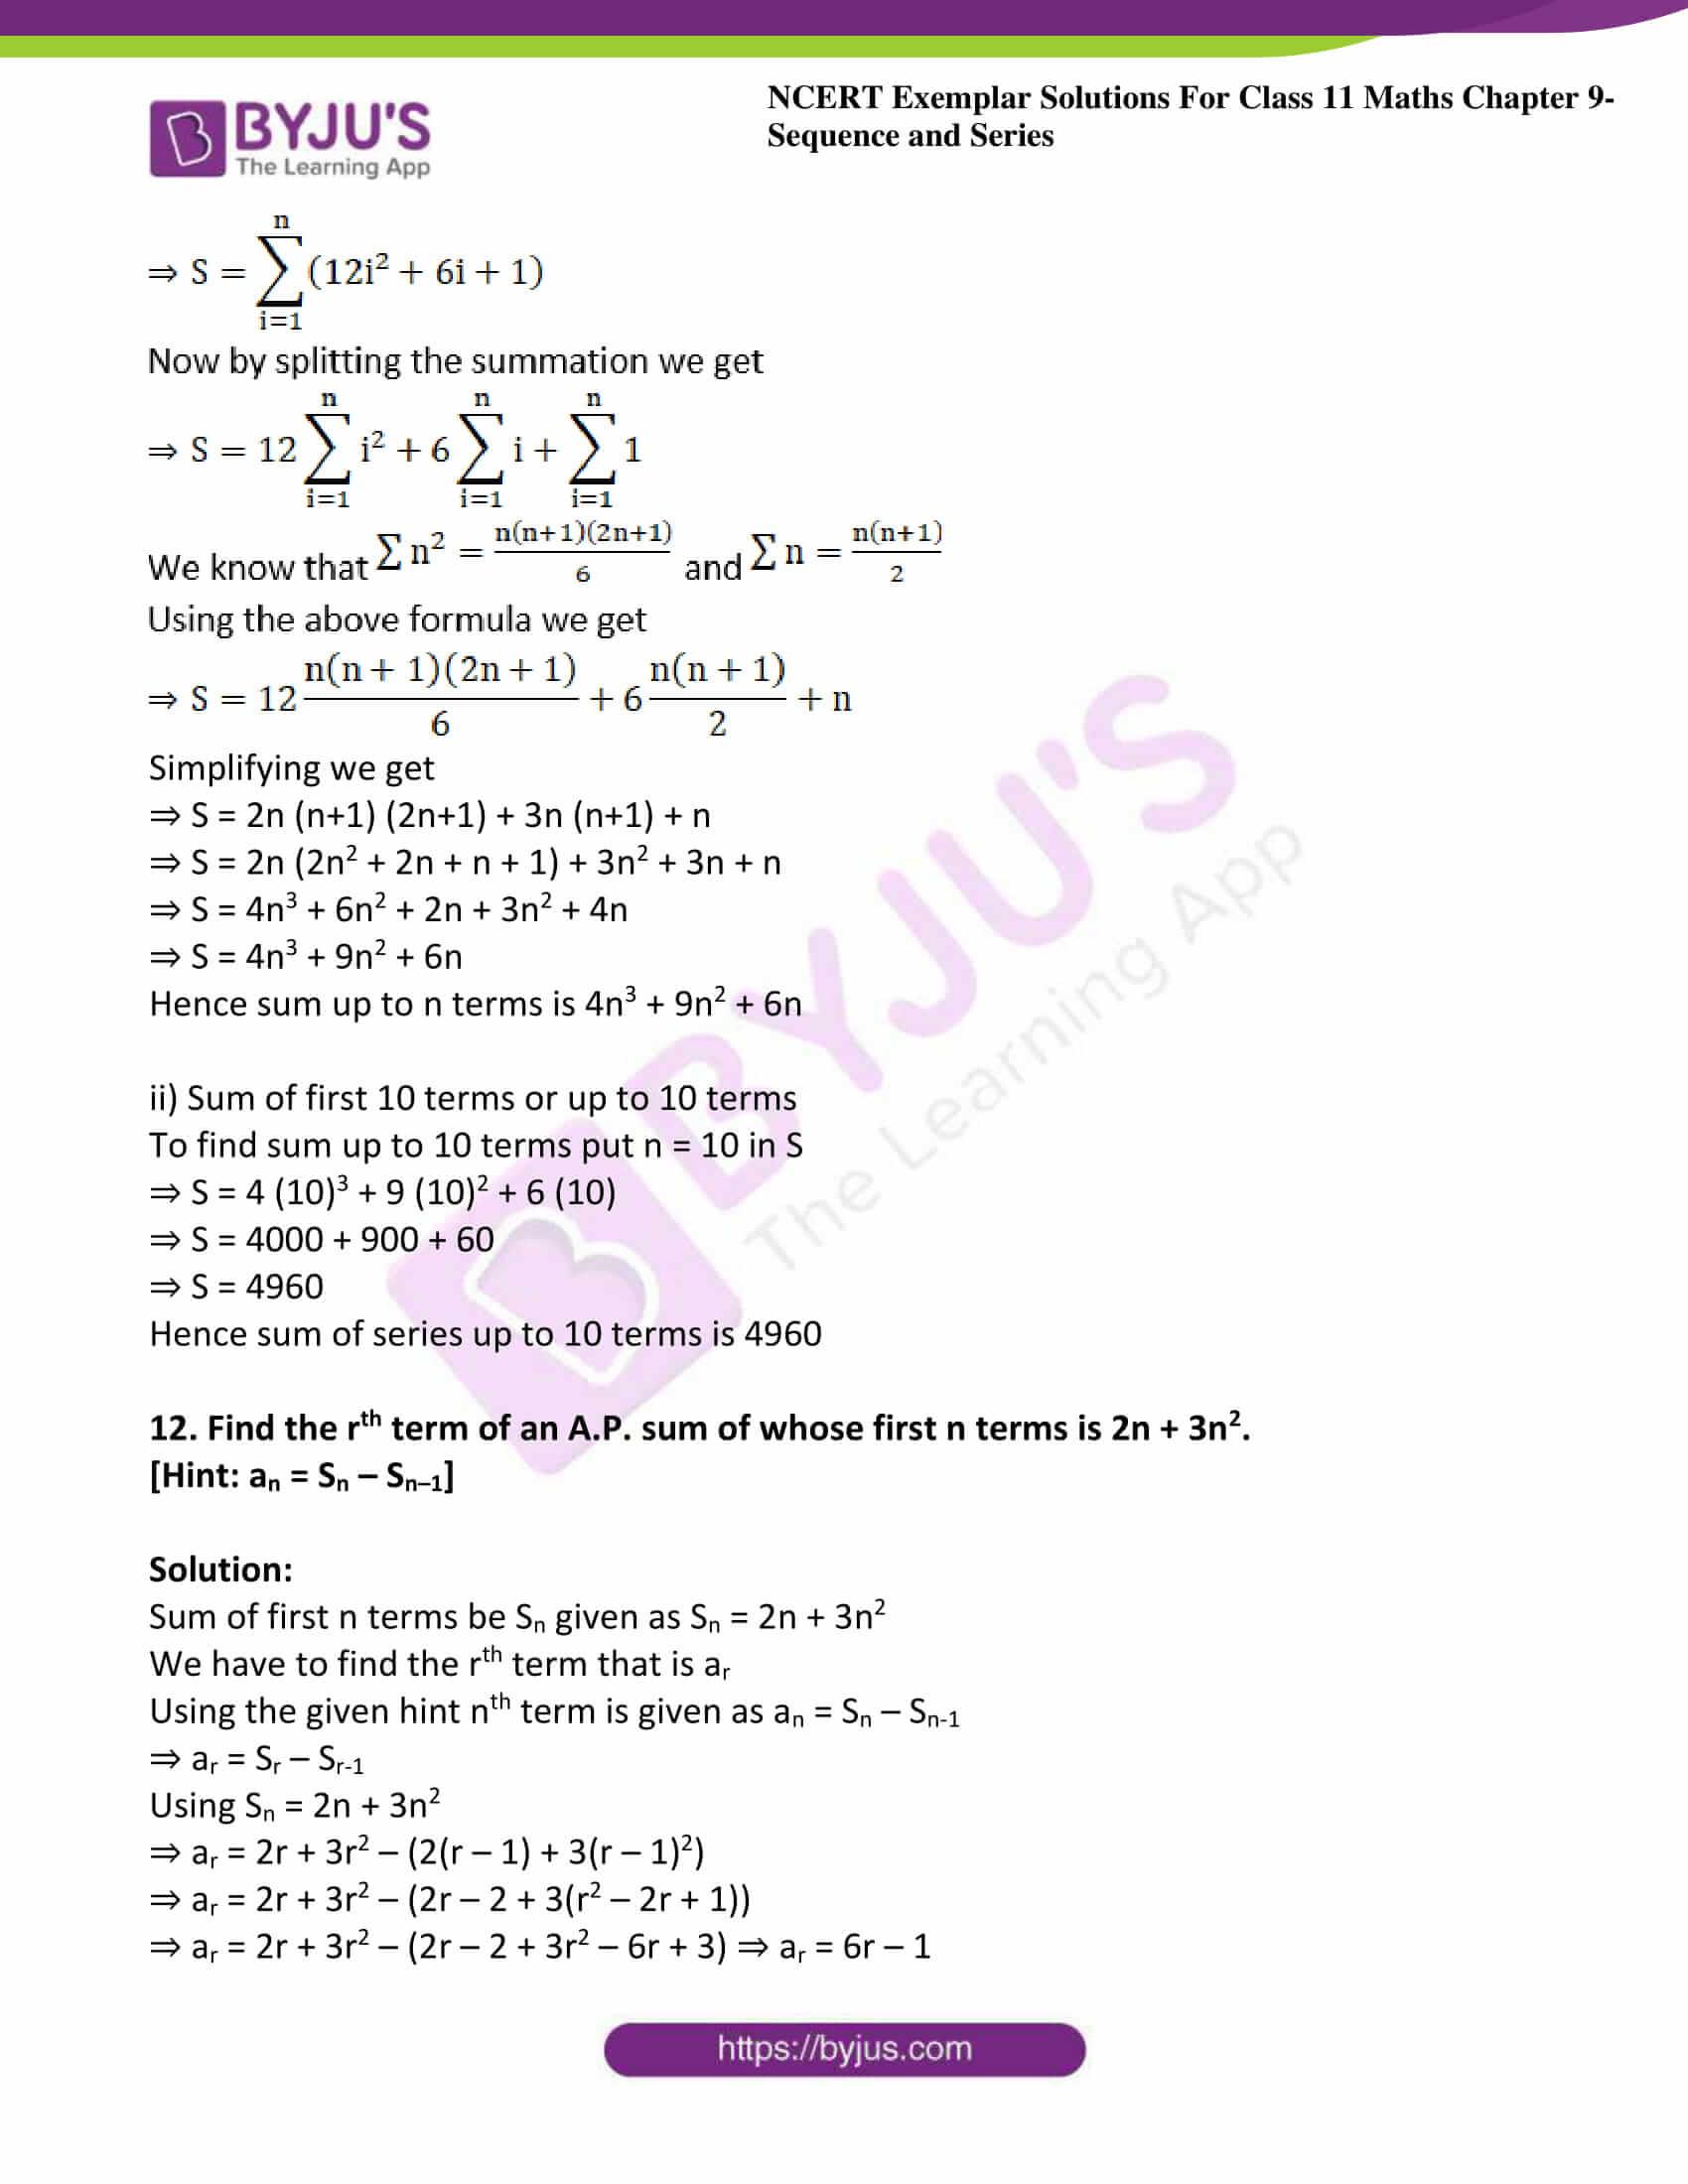 ncert exemplar sol class 11 maths chpt 9 sequence 12